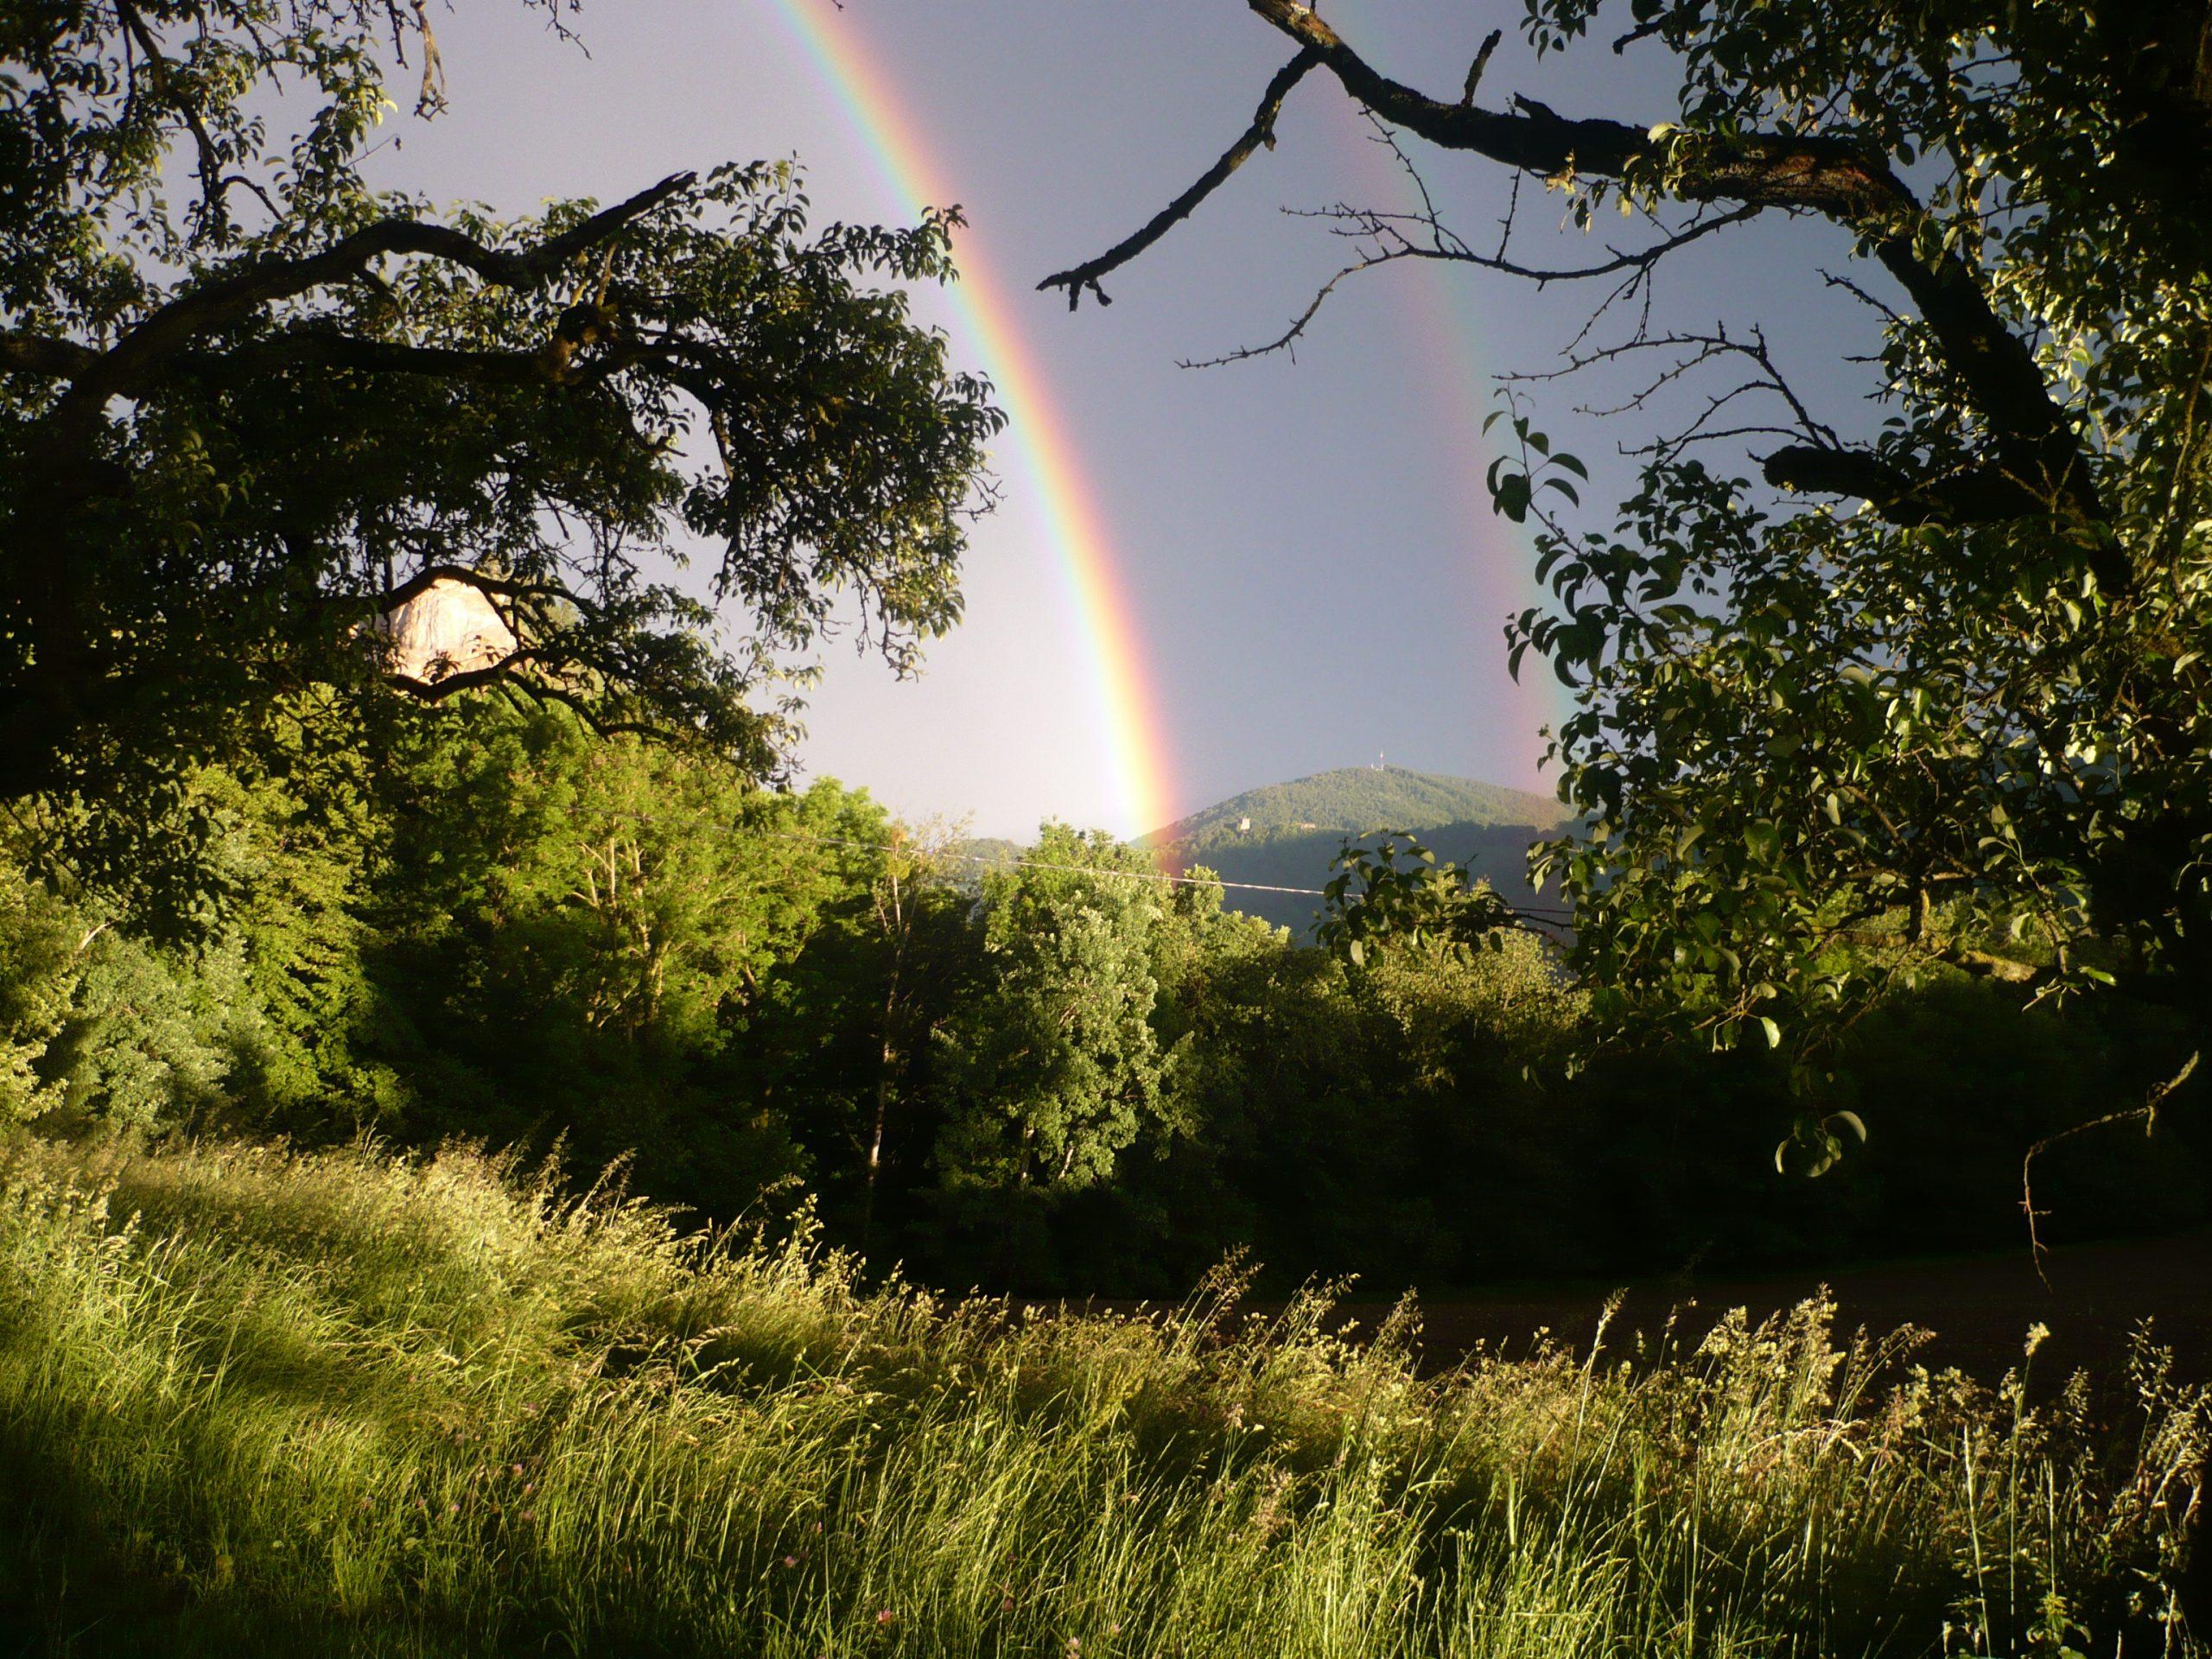 Landschaft mit Bäumen und Regenbogen am Himmel